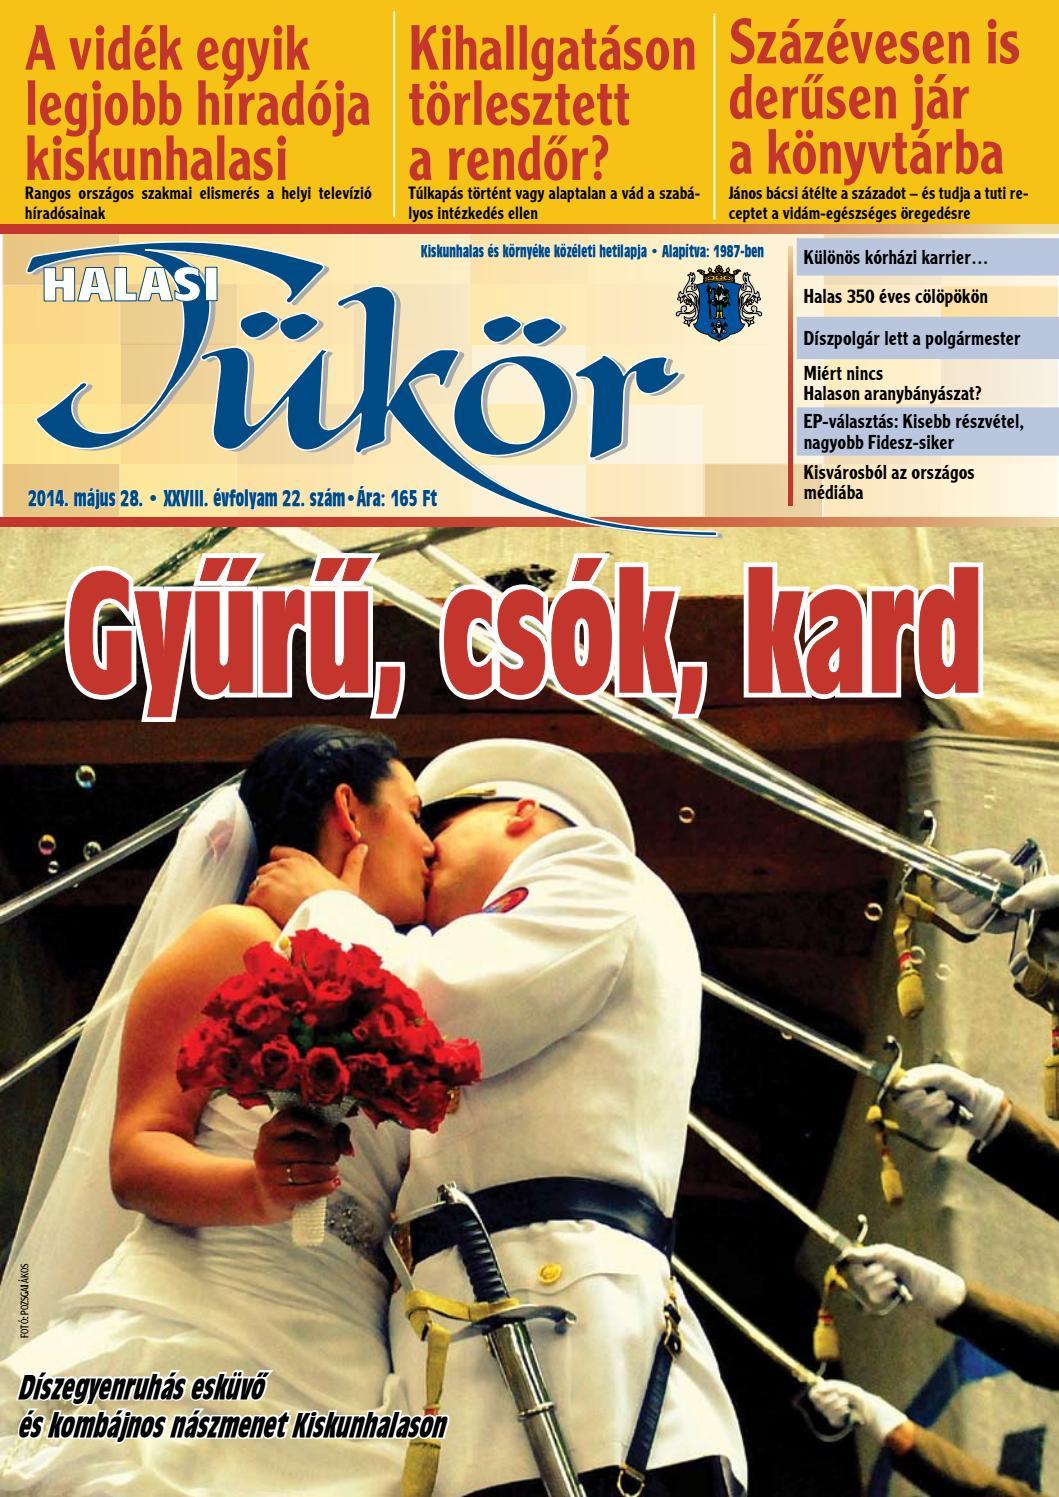 240e1836e7 XXVIII. évf. 22. szám 2014. május 28. by Halasi Tükör - issuu